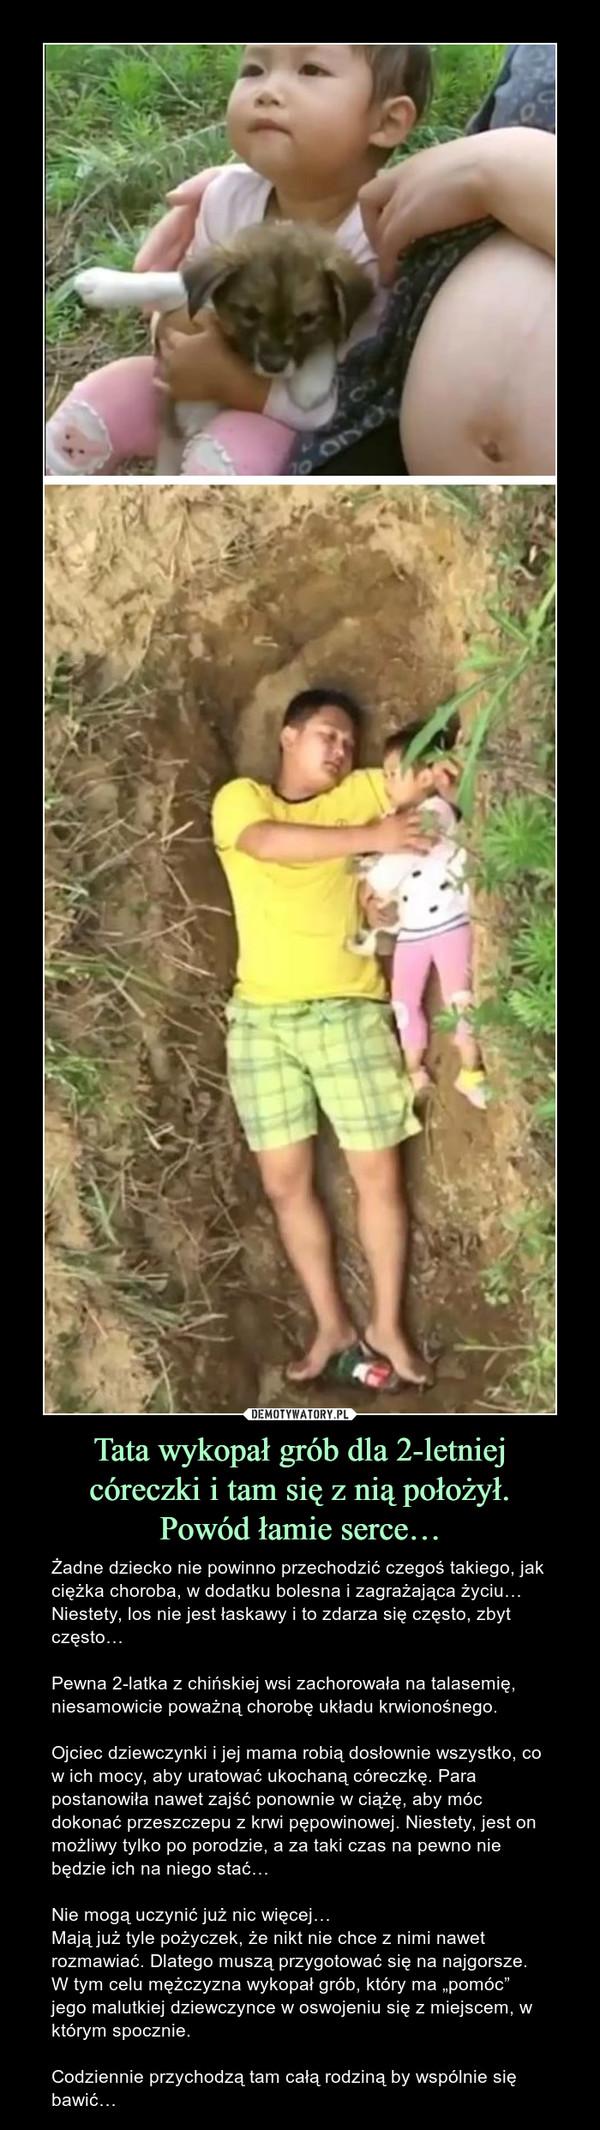 """Tata wykopał grób dla 2-letniejcóreczki i tam się z nią położył.Powód łamie serce… – Żadne dziecko nie powinno przechodzić czegoś takiego, jak ciężka choroba, w dodatku bolesna i zagrażająca życiu… Niestety, los nie jest łaskawy i to zdarza się często, zbyt często…Pewna 2-latka z chińskiej wsi zachorowała na talasemię, niesamowicie poważną chorobę układu krwionośnego.Ojciec dziewczynki i jej mama robią dosłownie wszystko, co w ich mocy, aby uratować ukochaną córeczkę. Para postanowiła nawet zajść ponownie w ciążę, aby móc dokonać przeszczepu z krwi pępowinowej. Niestety, jest on możliwy tylko po porodzie, a za taki czas na pewno nie będzie ich na niego stać…Nie mogą uczynić już nic więcej…Mają już tyle pożyczek, że nikt nie chce z nimi nawet rozmawiać. Dlatego muszą przygotować się na najgorsze. W tym celu mężczyzna wykopał grób, który ma """"pomóc"""" jego malutkiej dziewczynce w oswojeniu się z miejscem, w którym spocznie.Codziennie przychodzą tam całą rodziną by wspólnie się bawić…"""